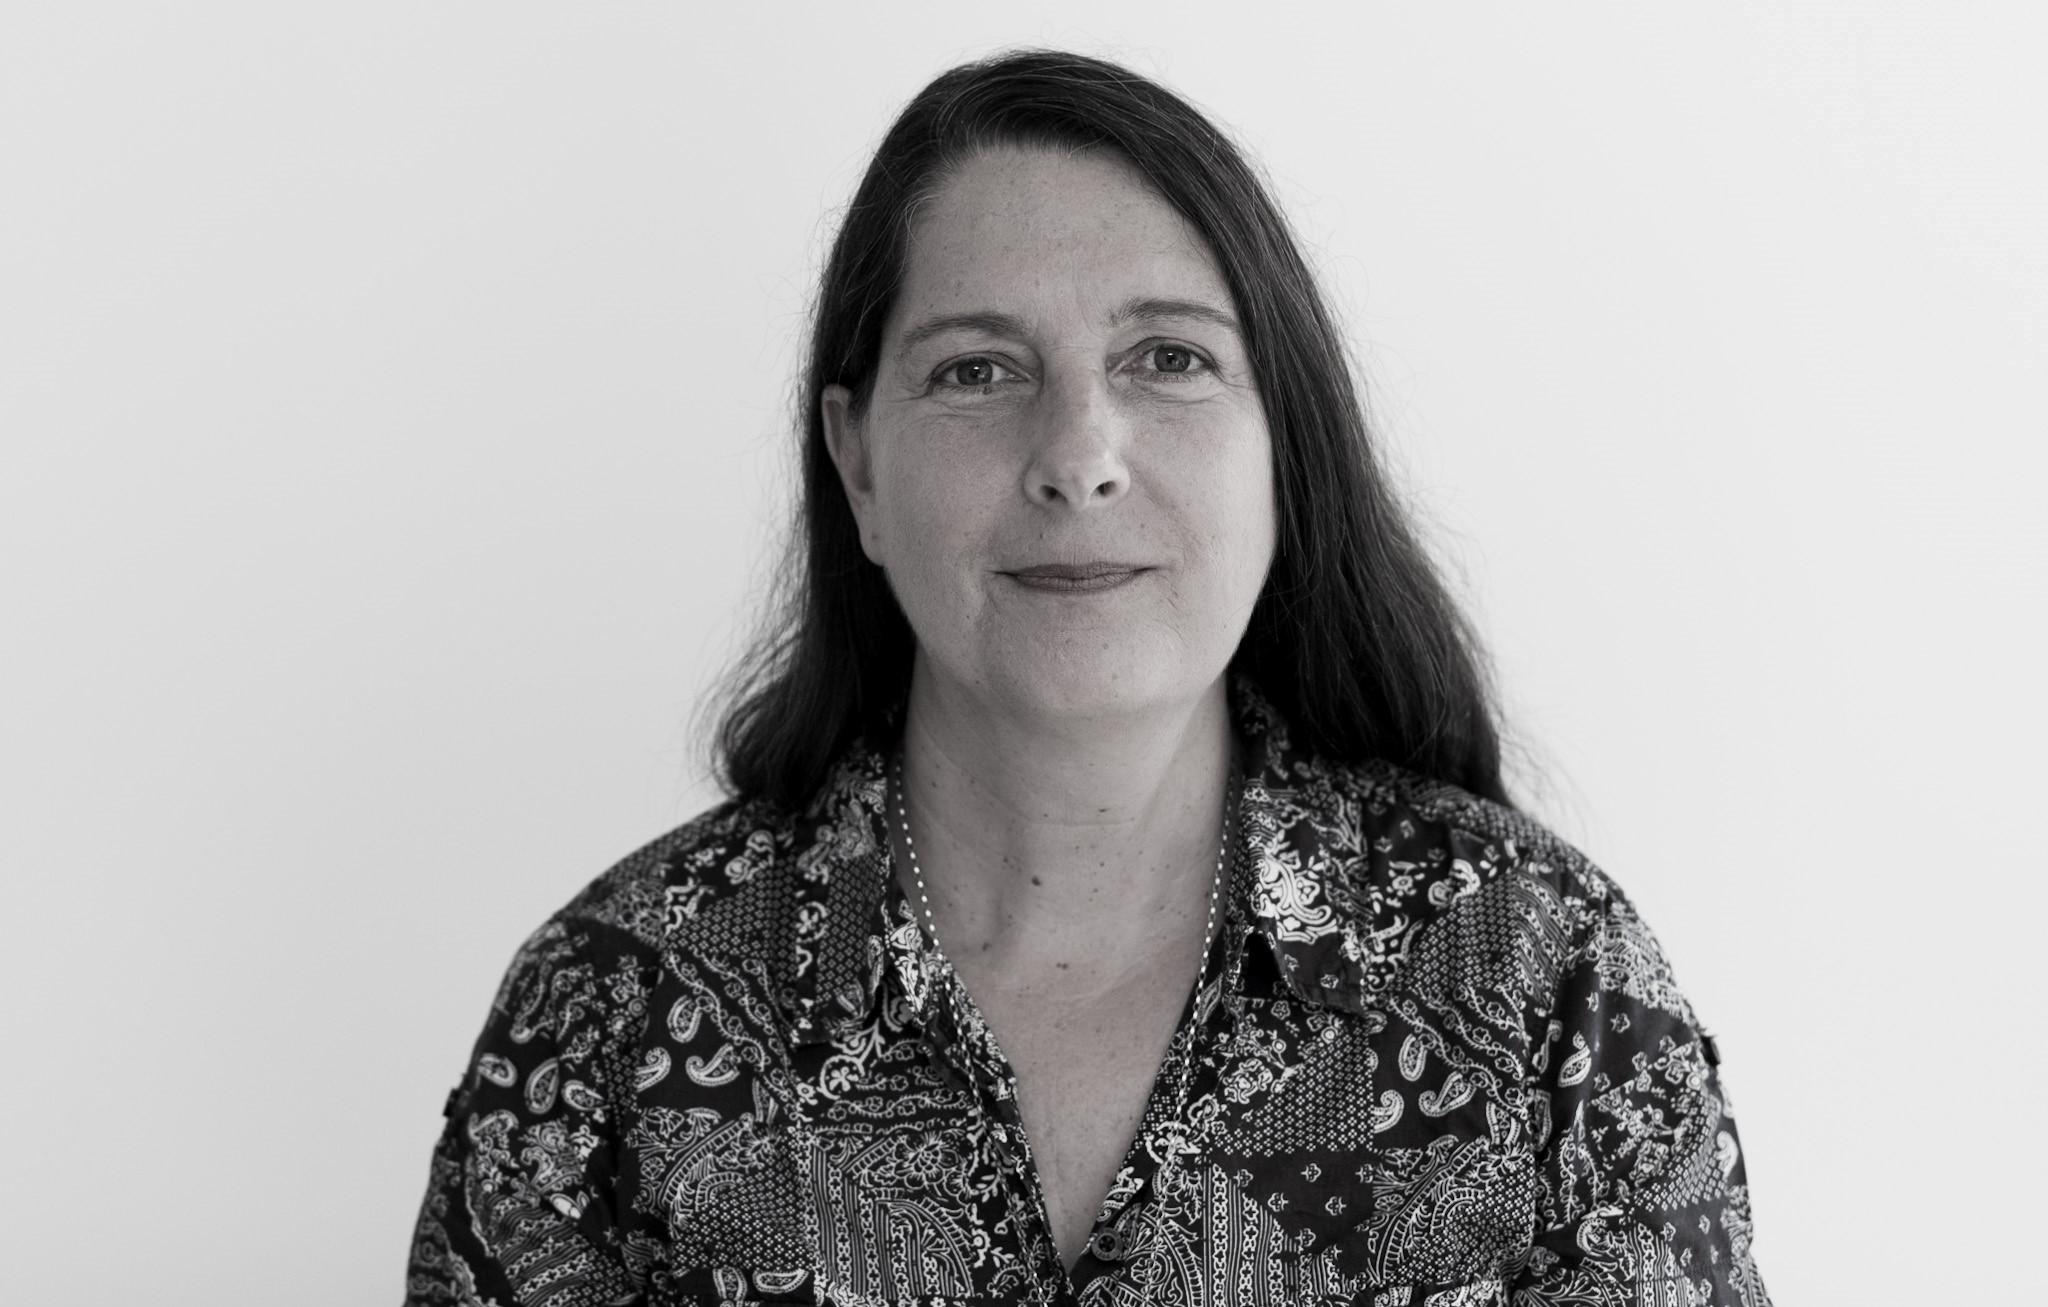 Dina-Stephanie Doldt